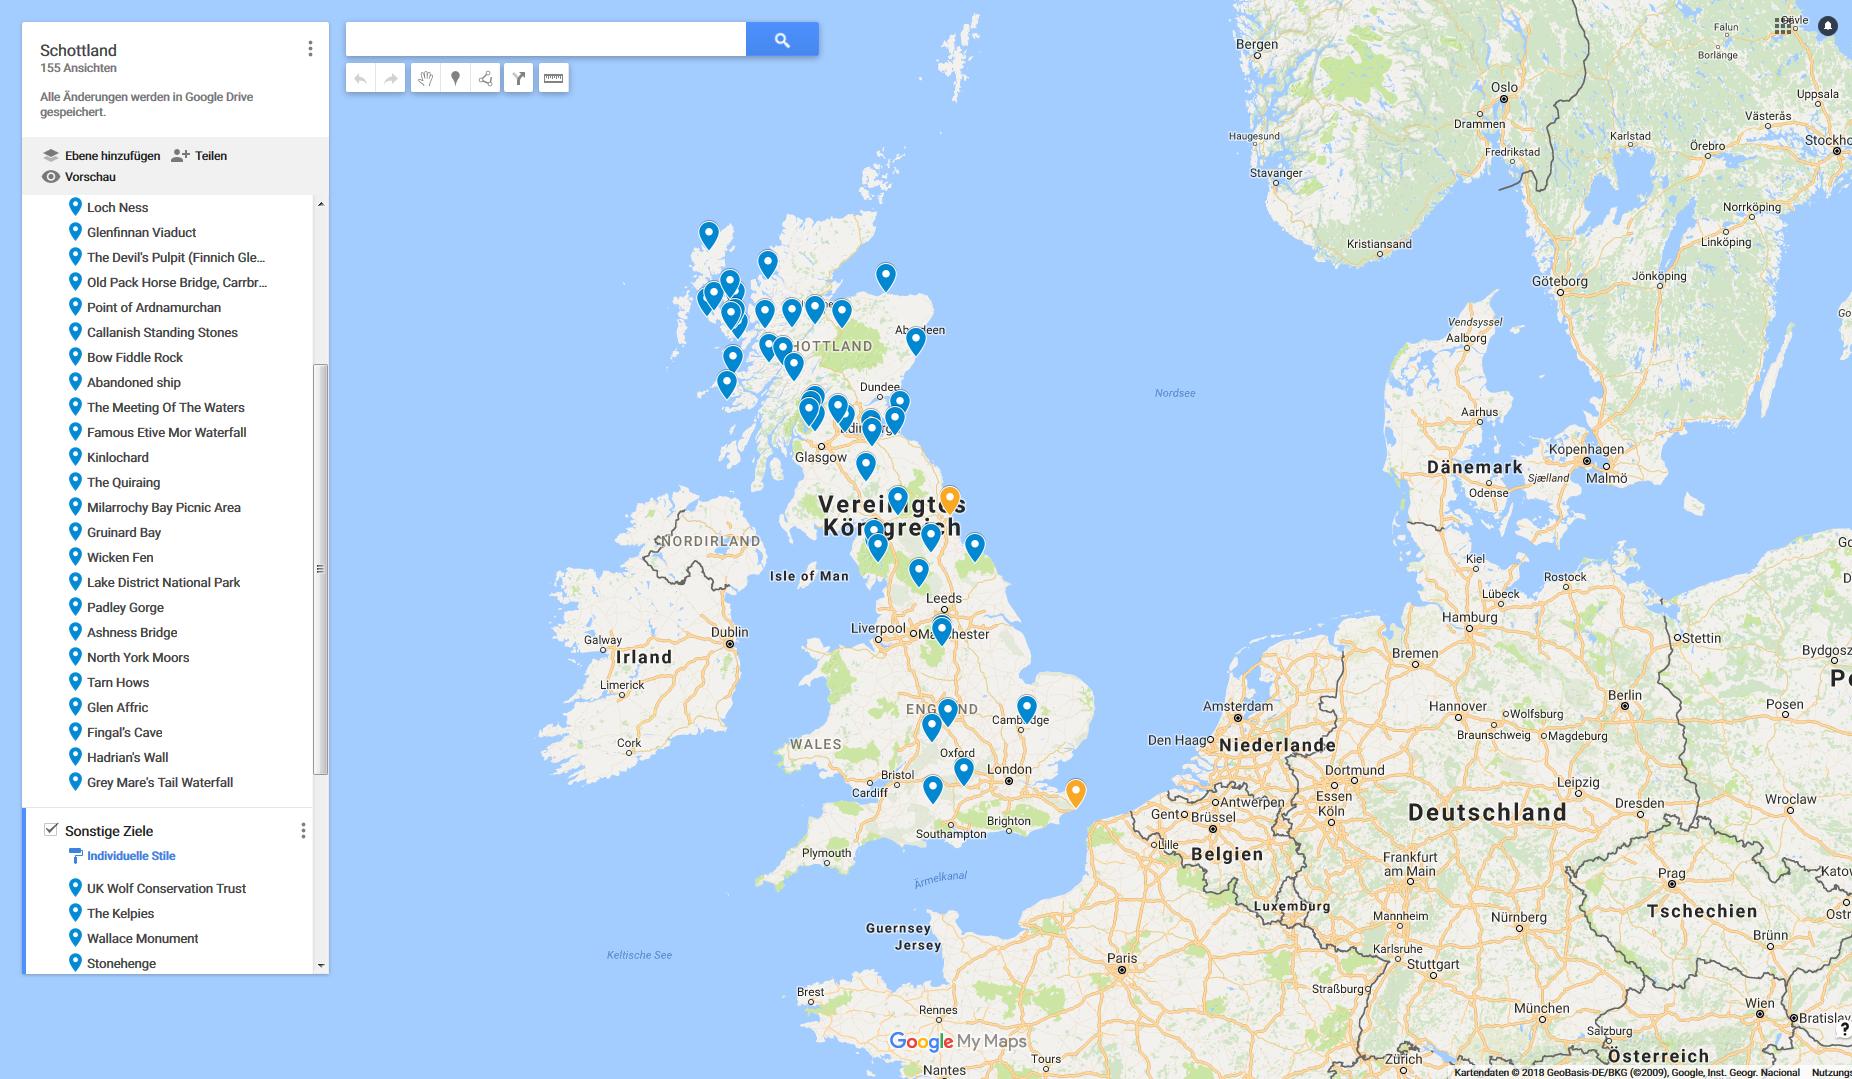 Google-Karte mit MyMaps gestaltet